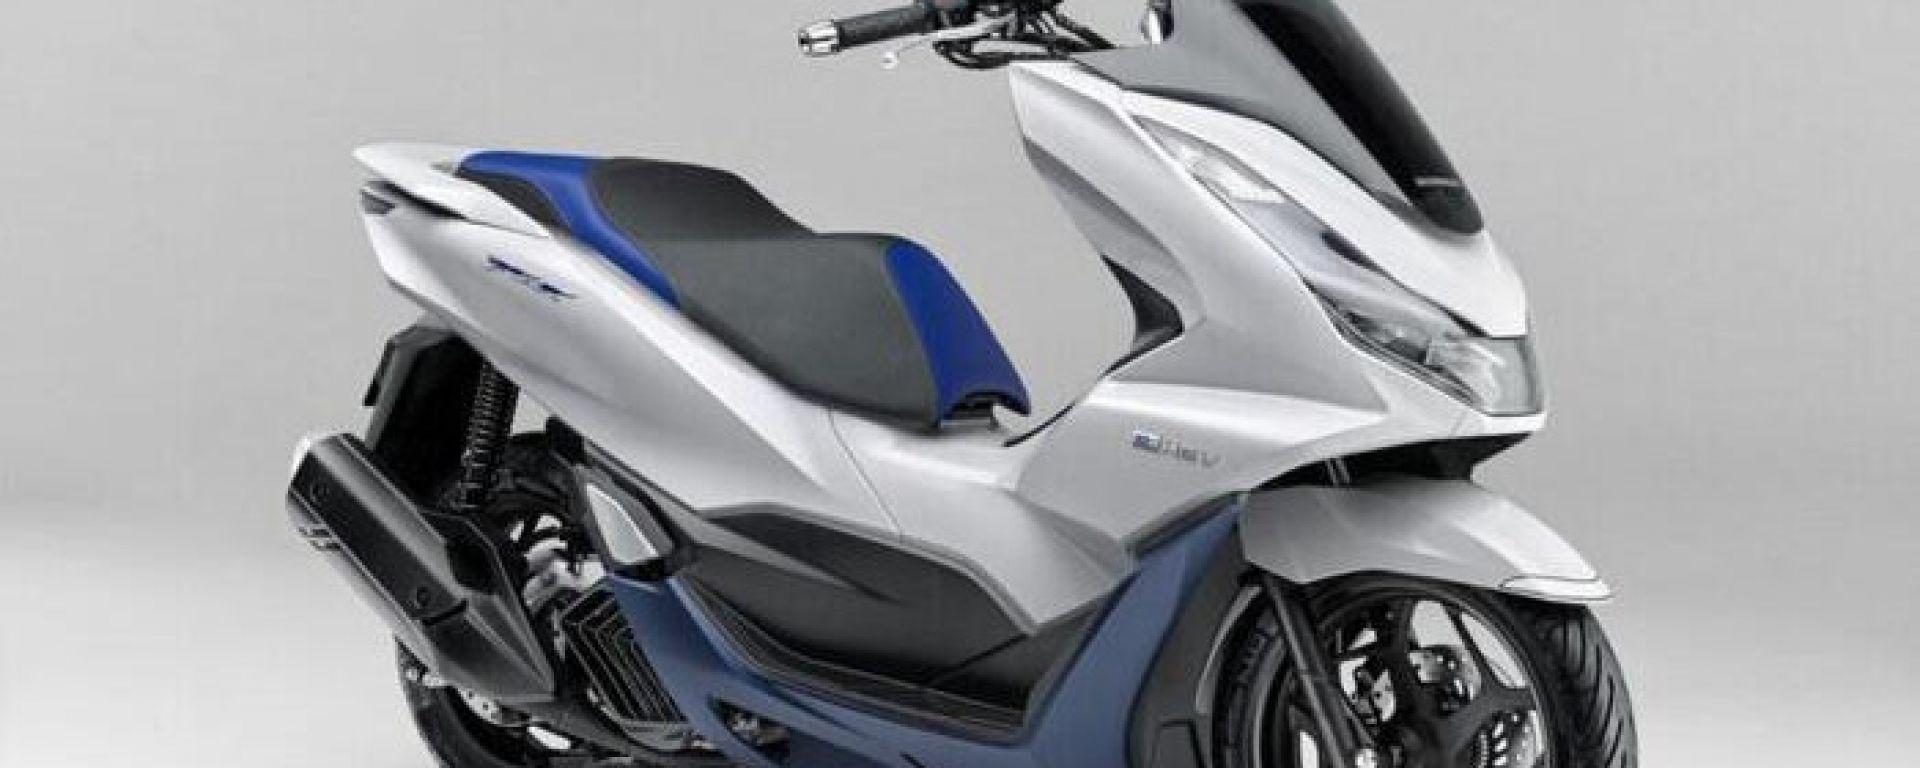 Honda PCX ibrido raggiunge la seconda generazione... ma solo in Giappone